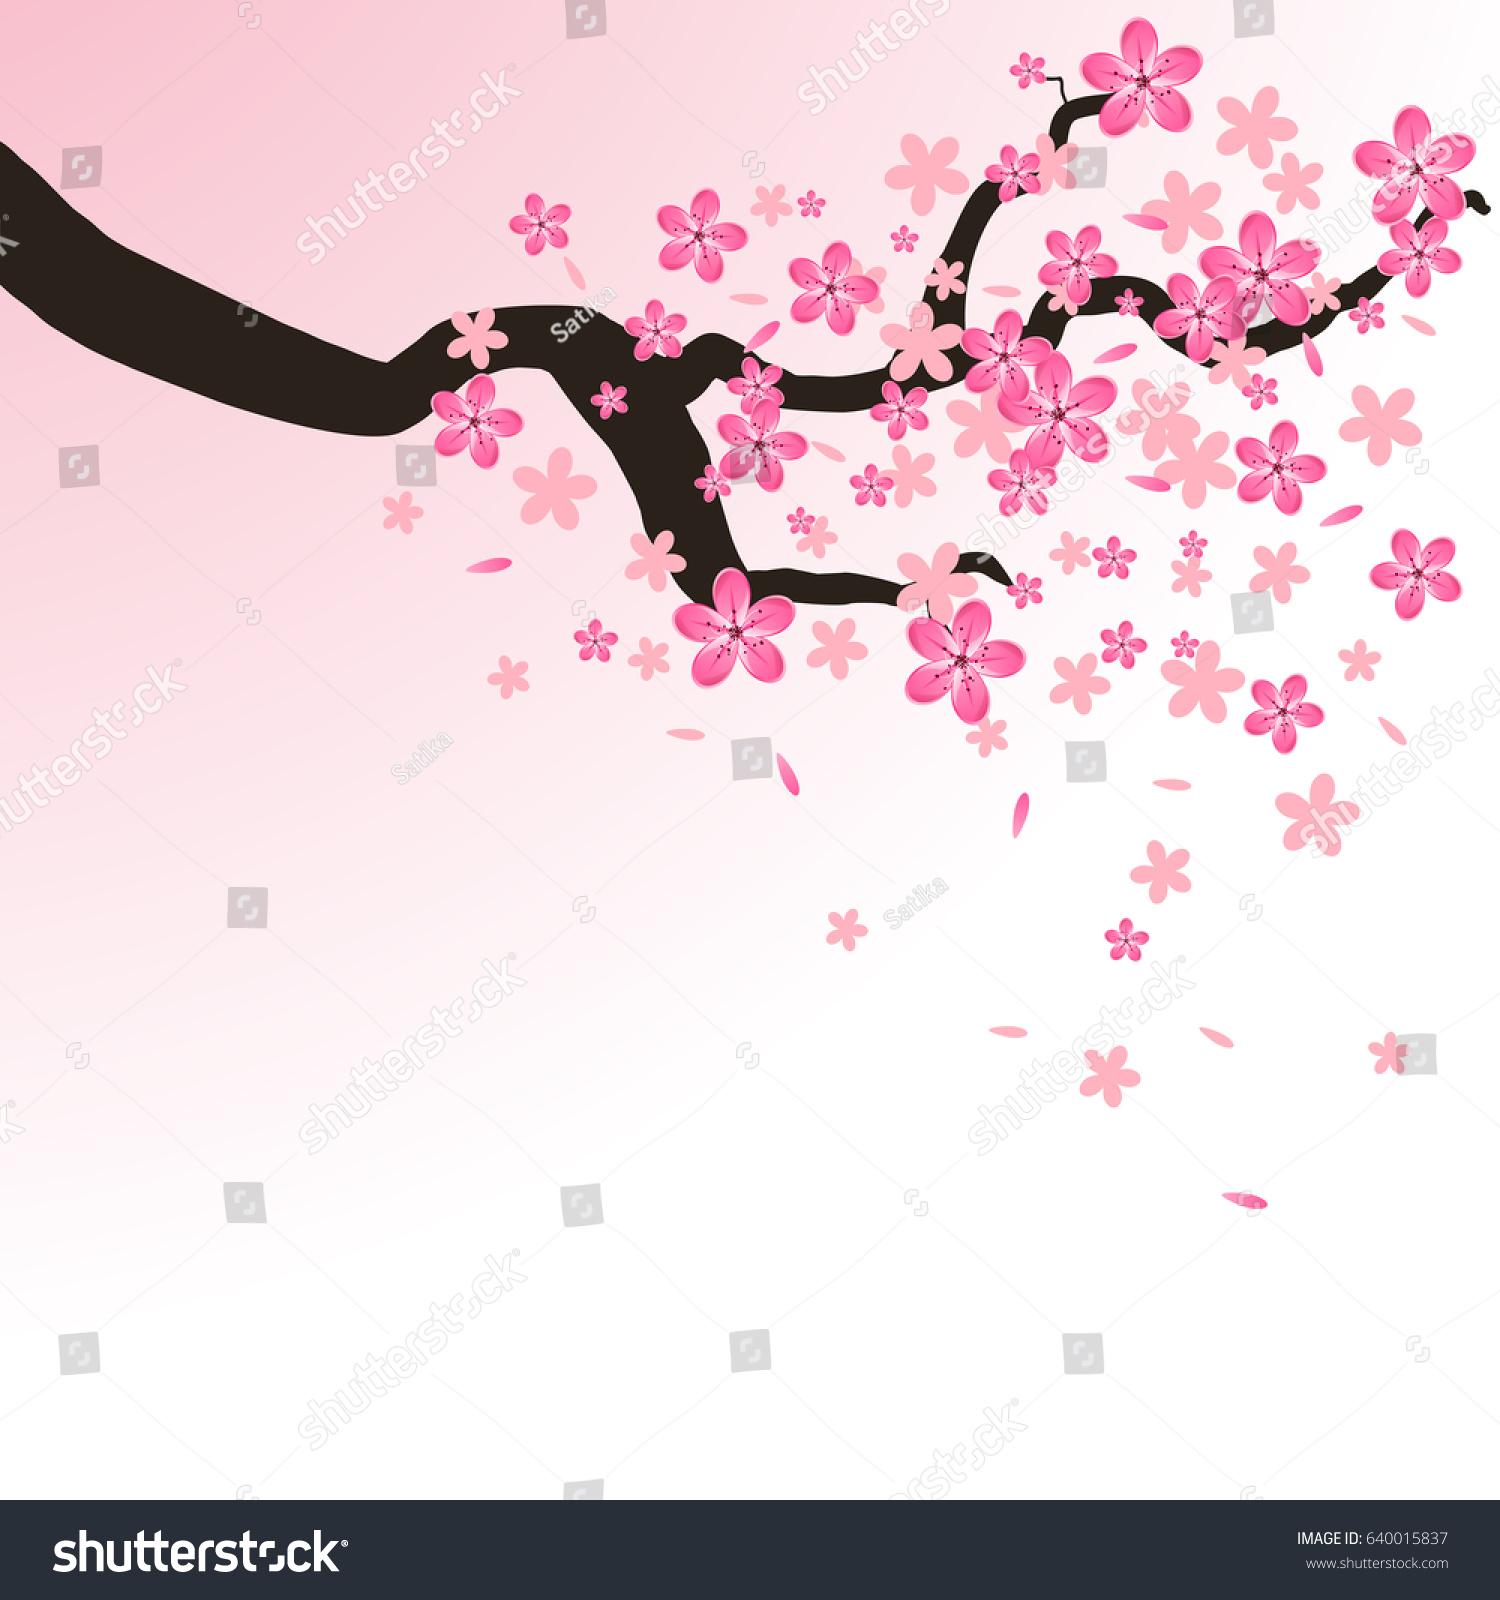 Isolated Branch Flowers Sakura Cartoon Pink Stock Illustration